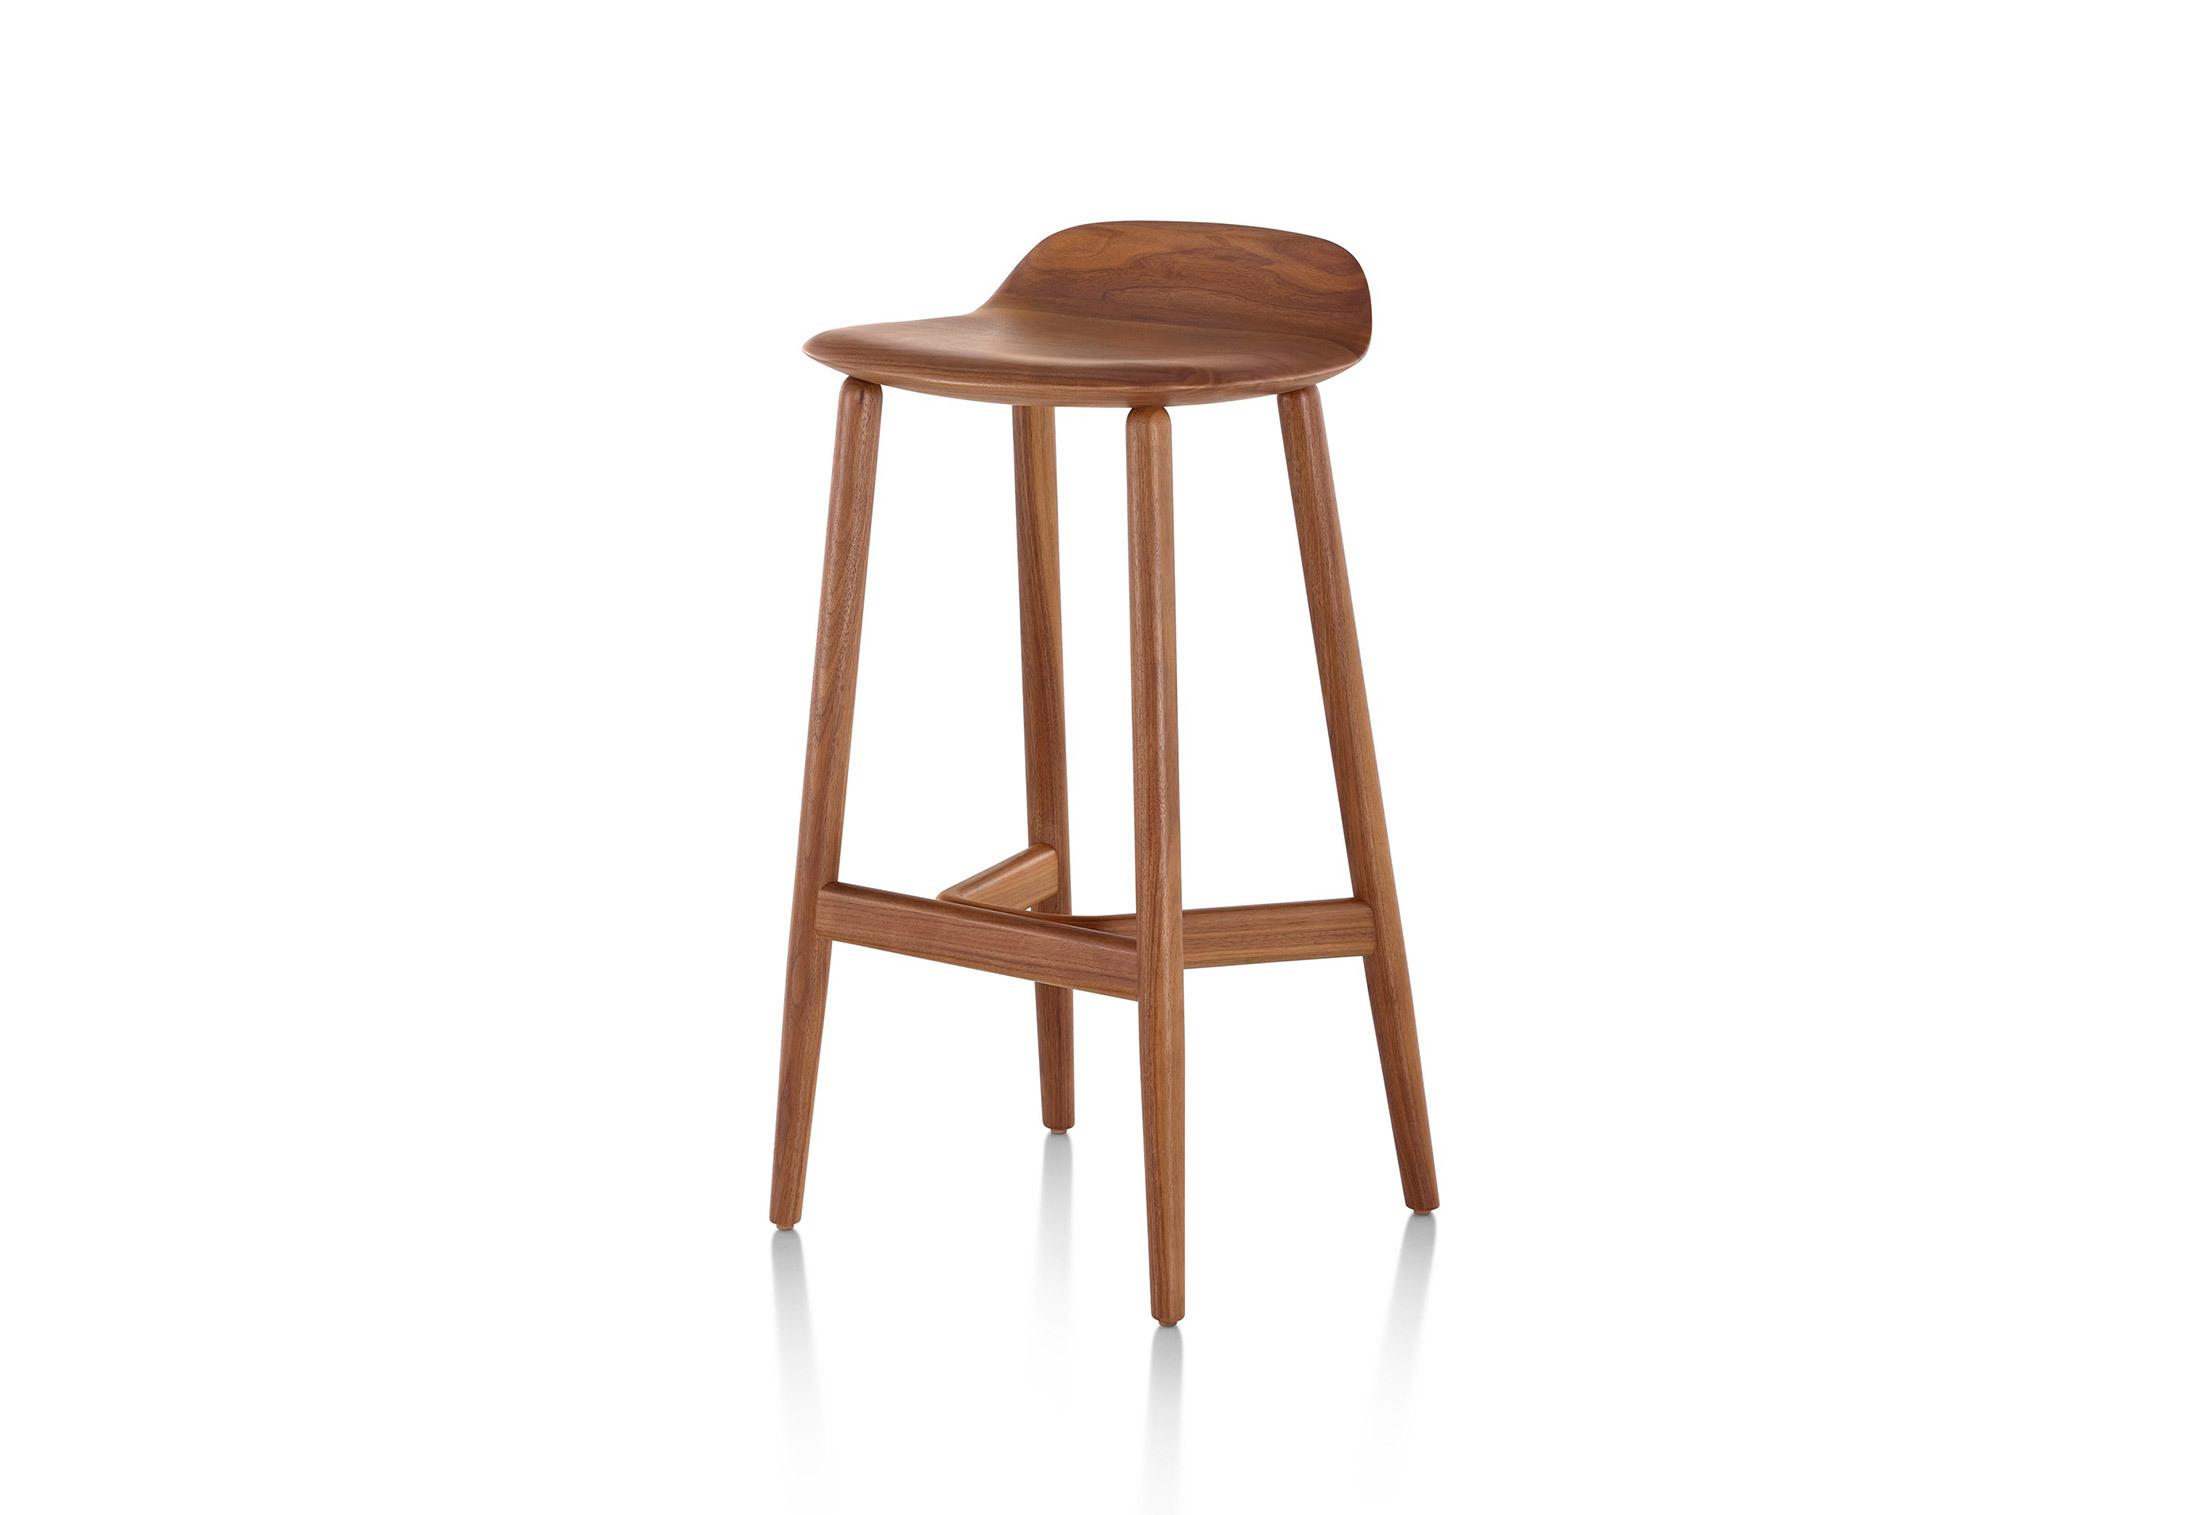 Marvelous Crosshatch Stool By Herman Miller Stylepark Pdpeps Interior Chair Design Pdpepsorg